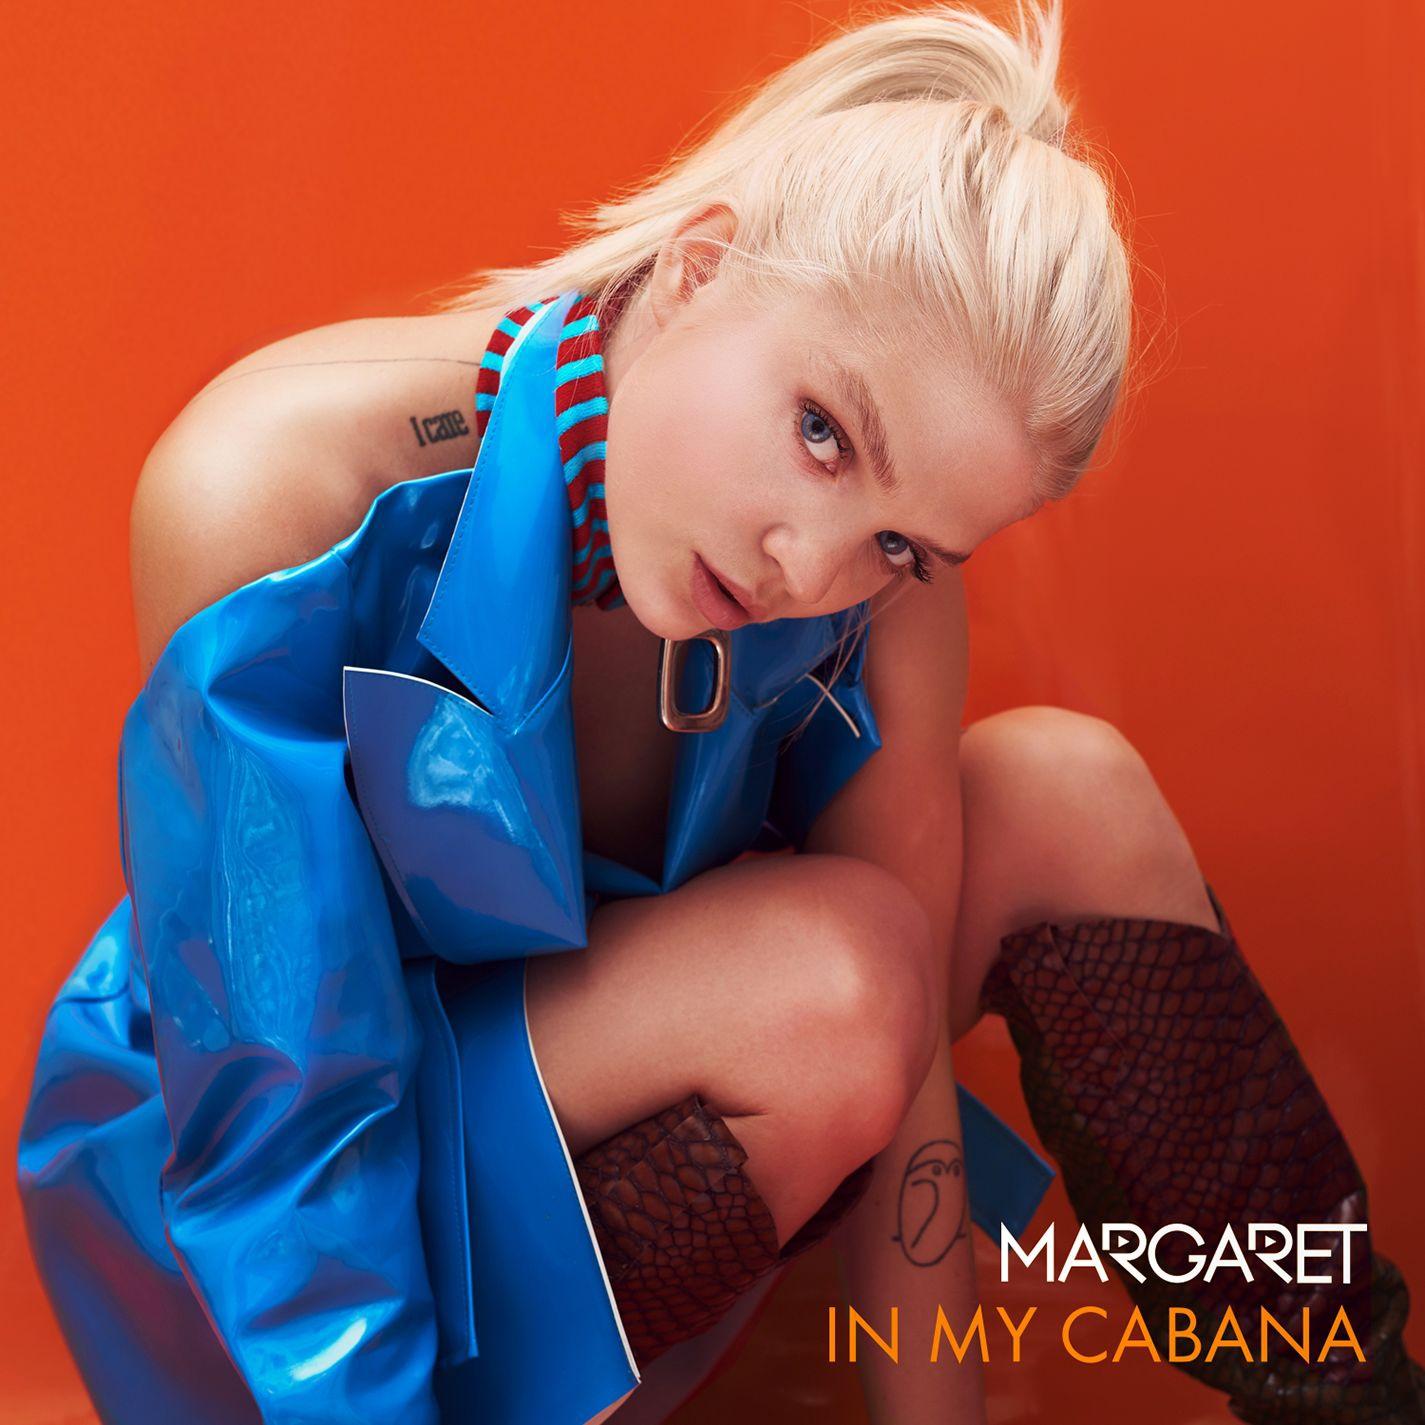 Margaret na szczycie listy iTunes w Szwecji!